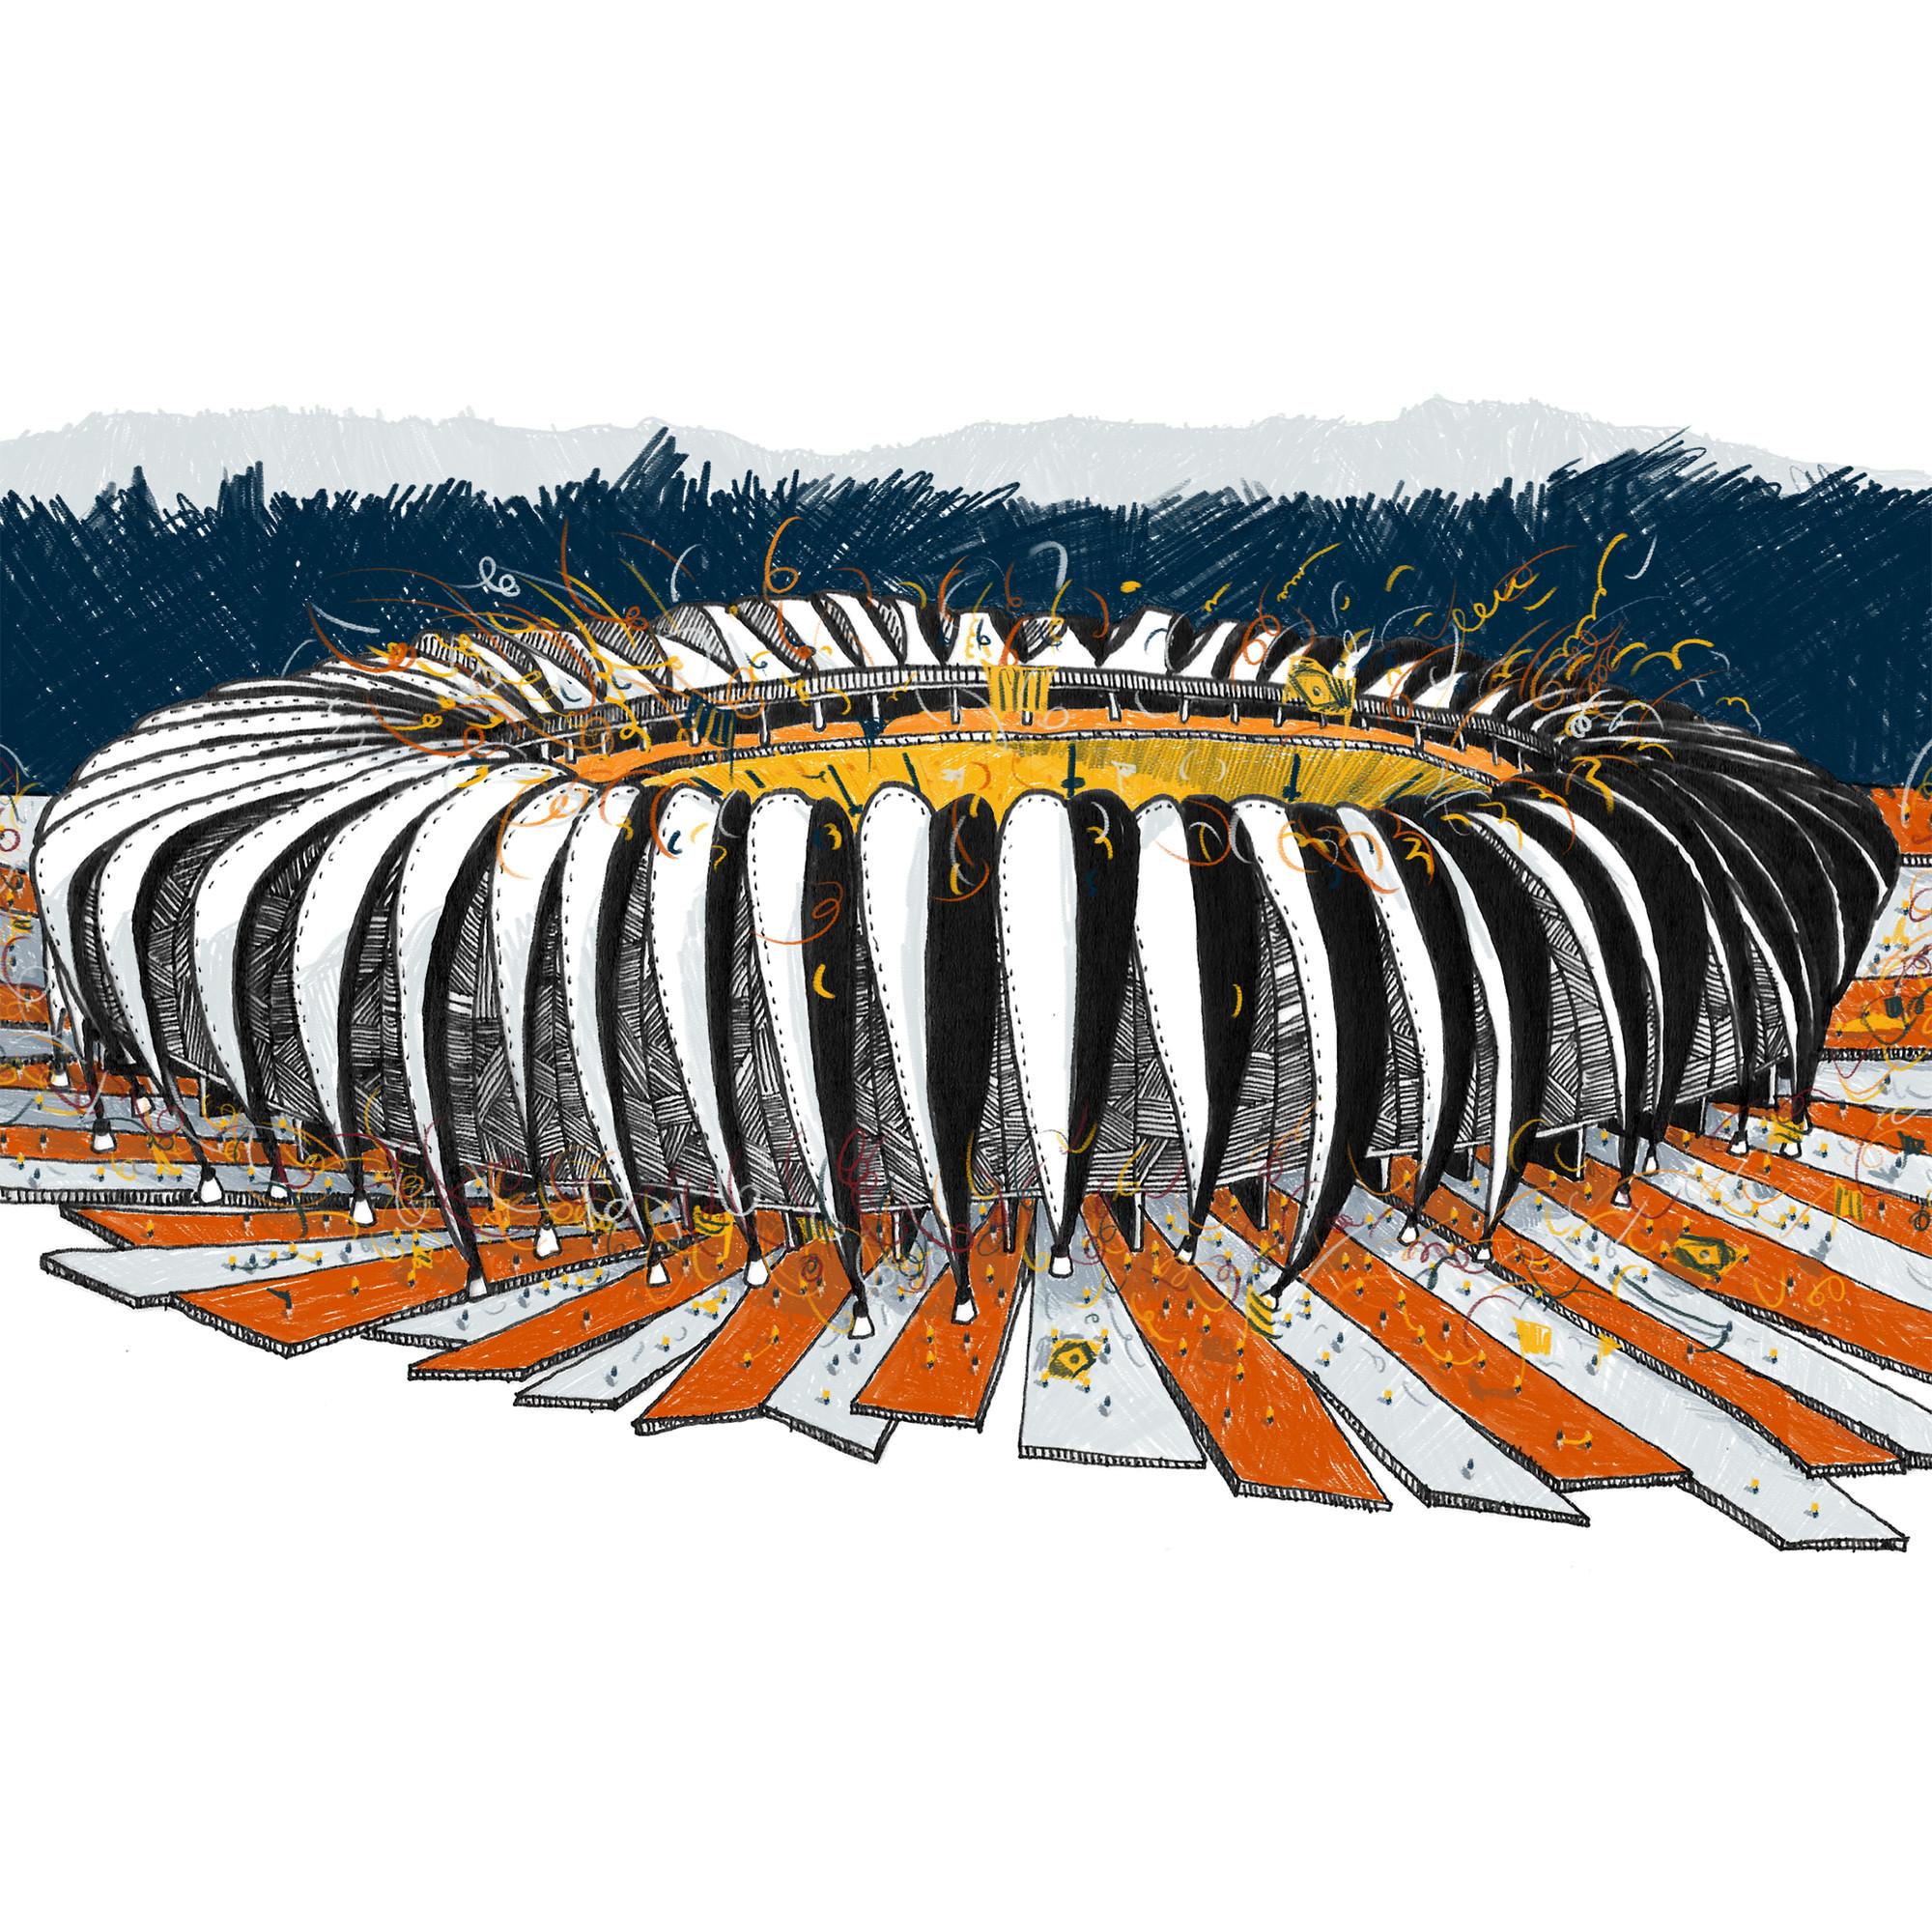 Estádios da Copa ilustrados pelo estúdio Vapor 324, Estádio Beira Rio - Porto Alegre. Image Courtesy of Vapor 324